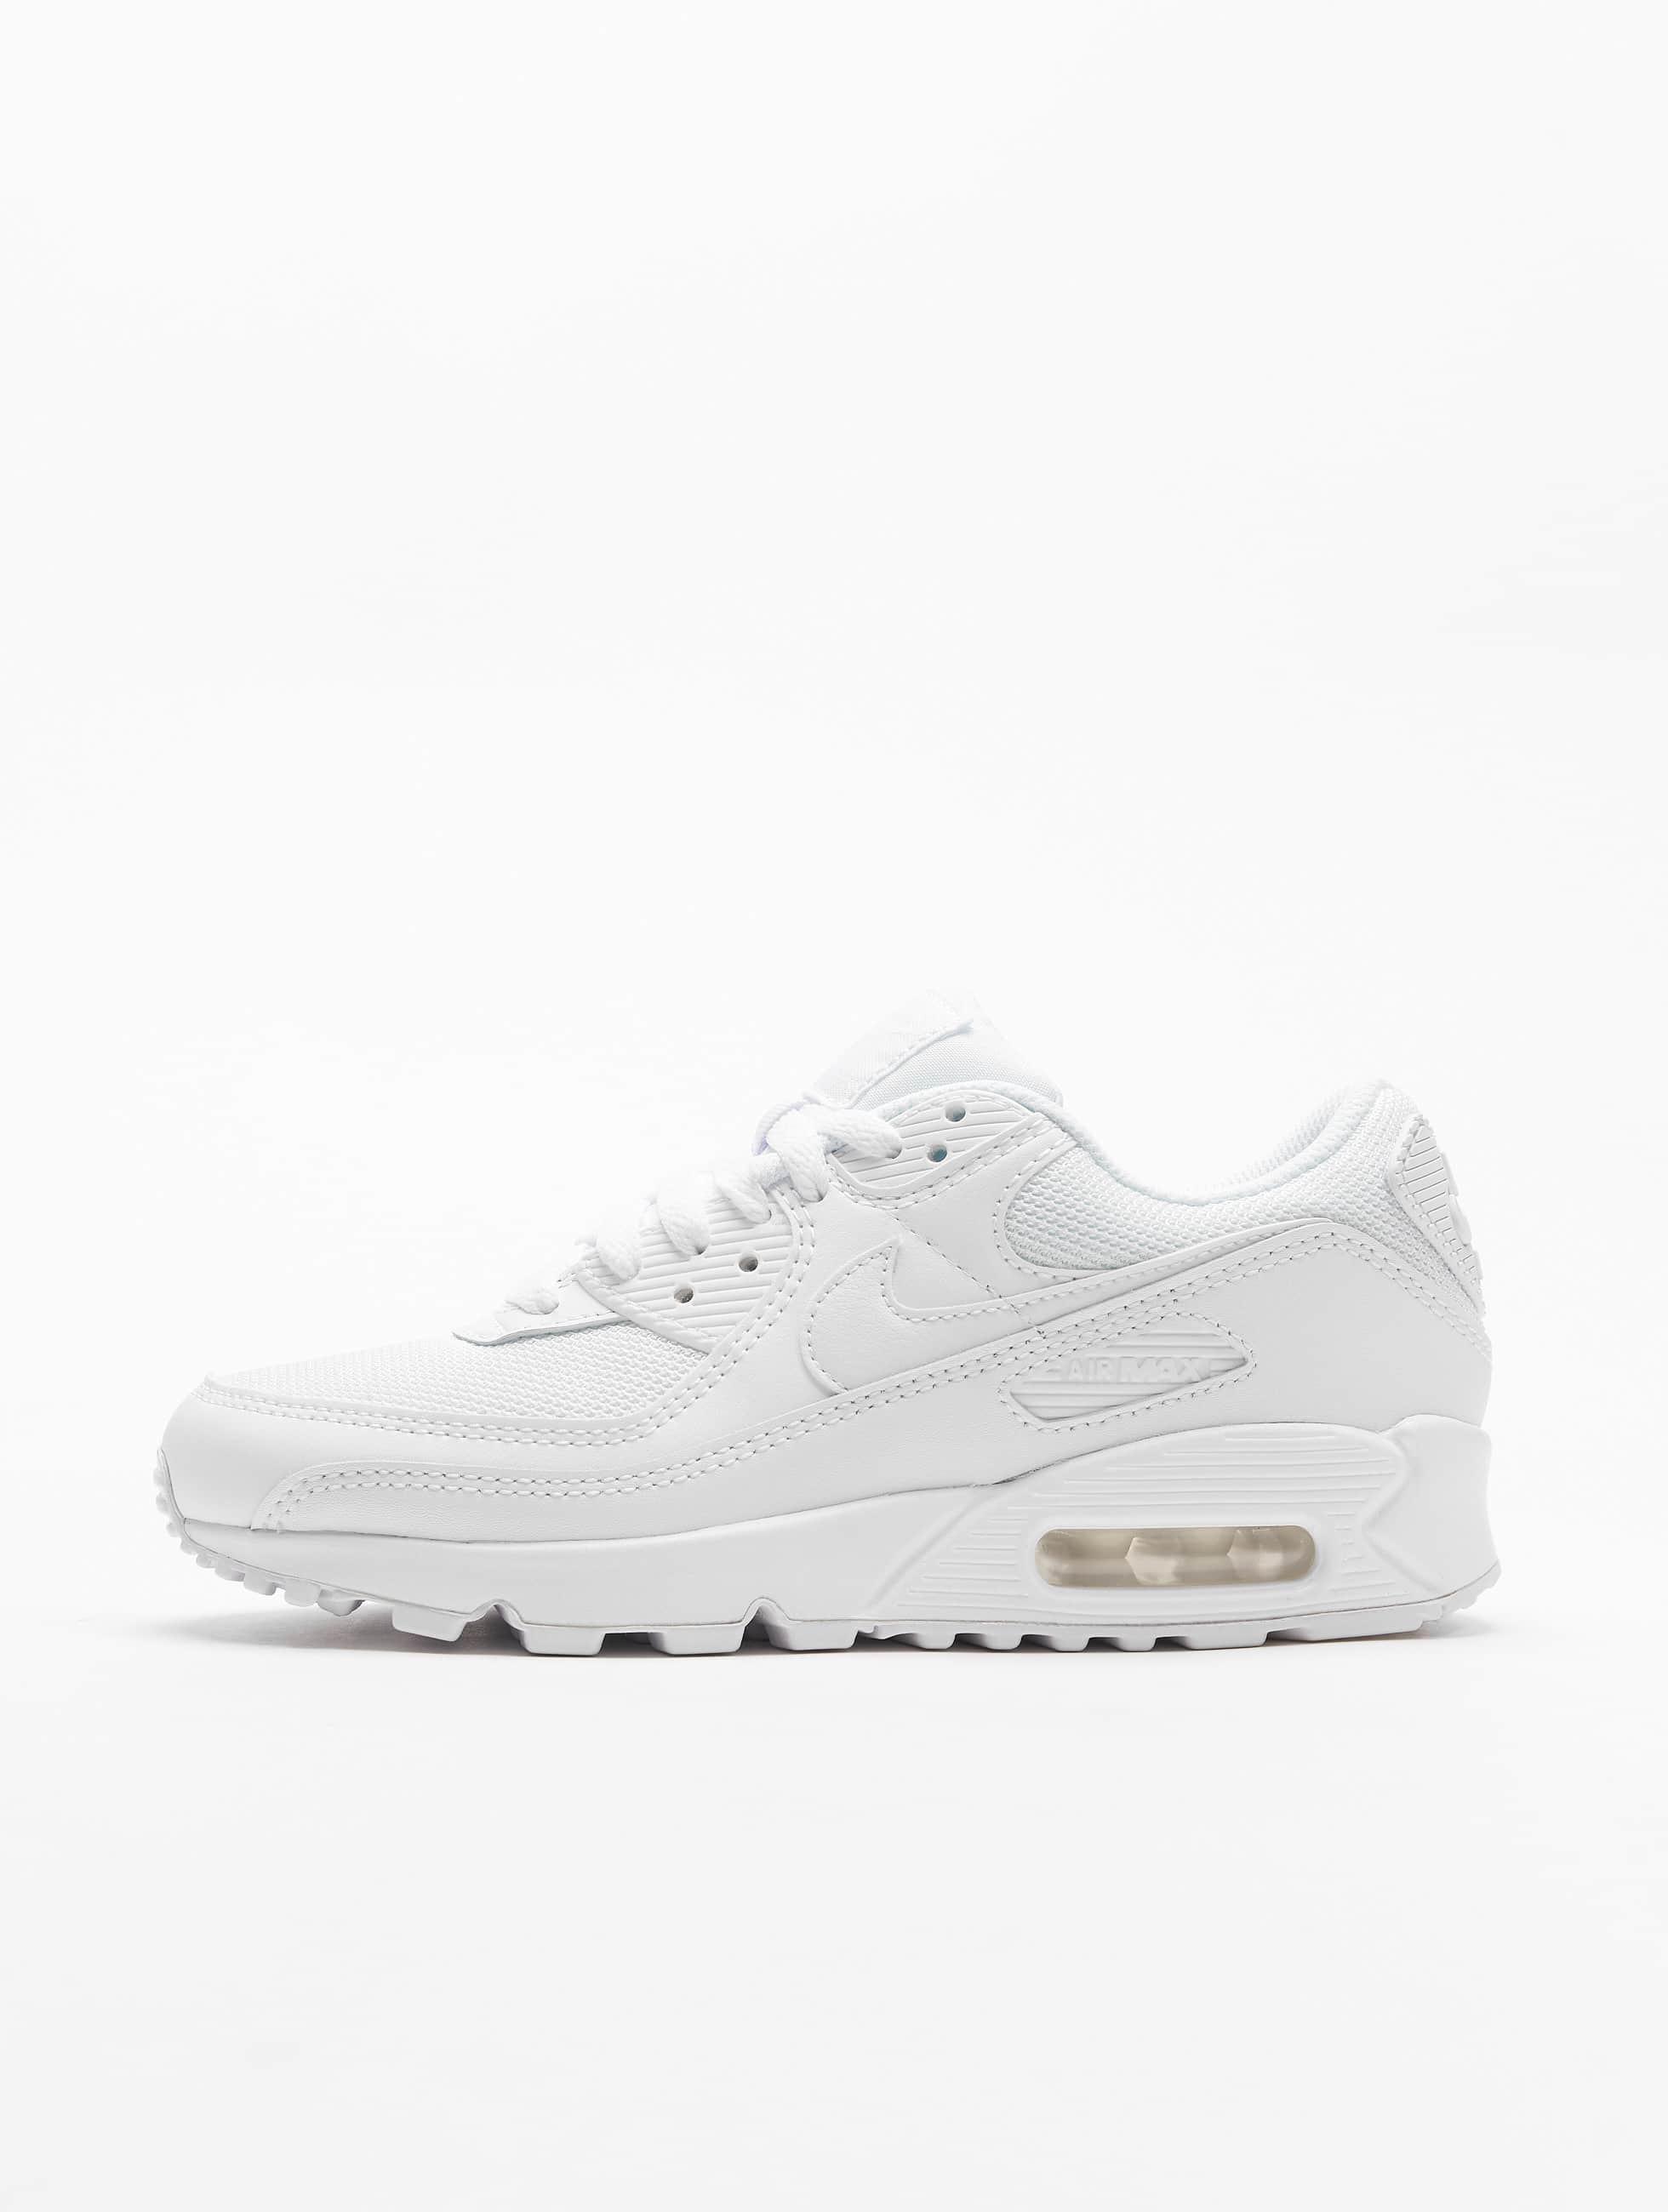 Nike Air Max 90 Sneakers White/White/White/Wolf Grey